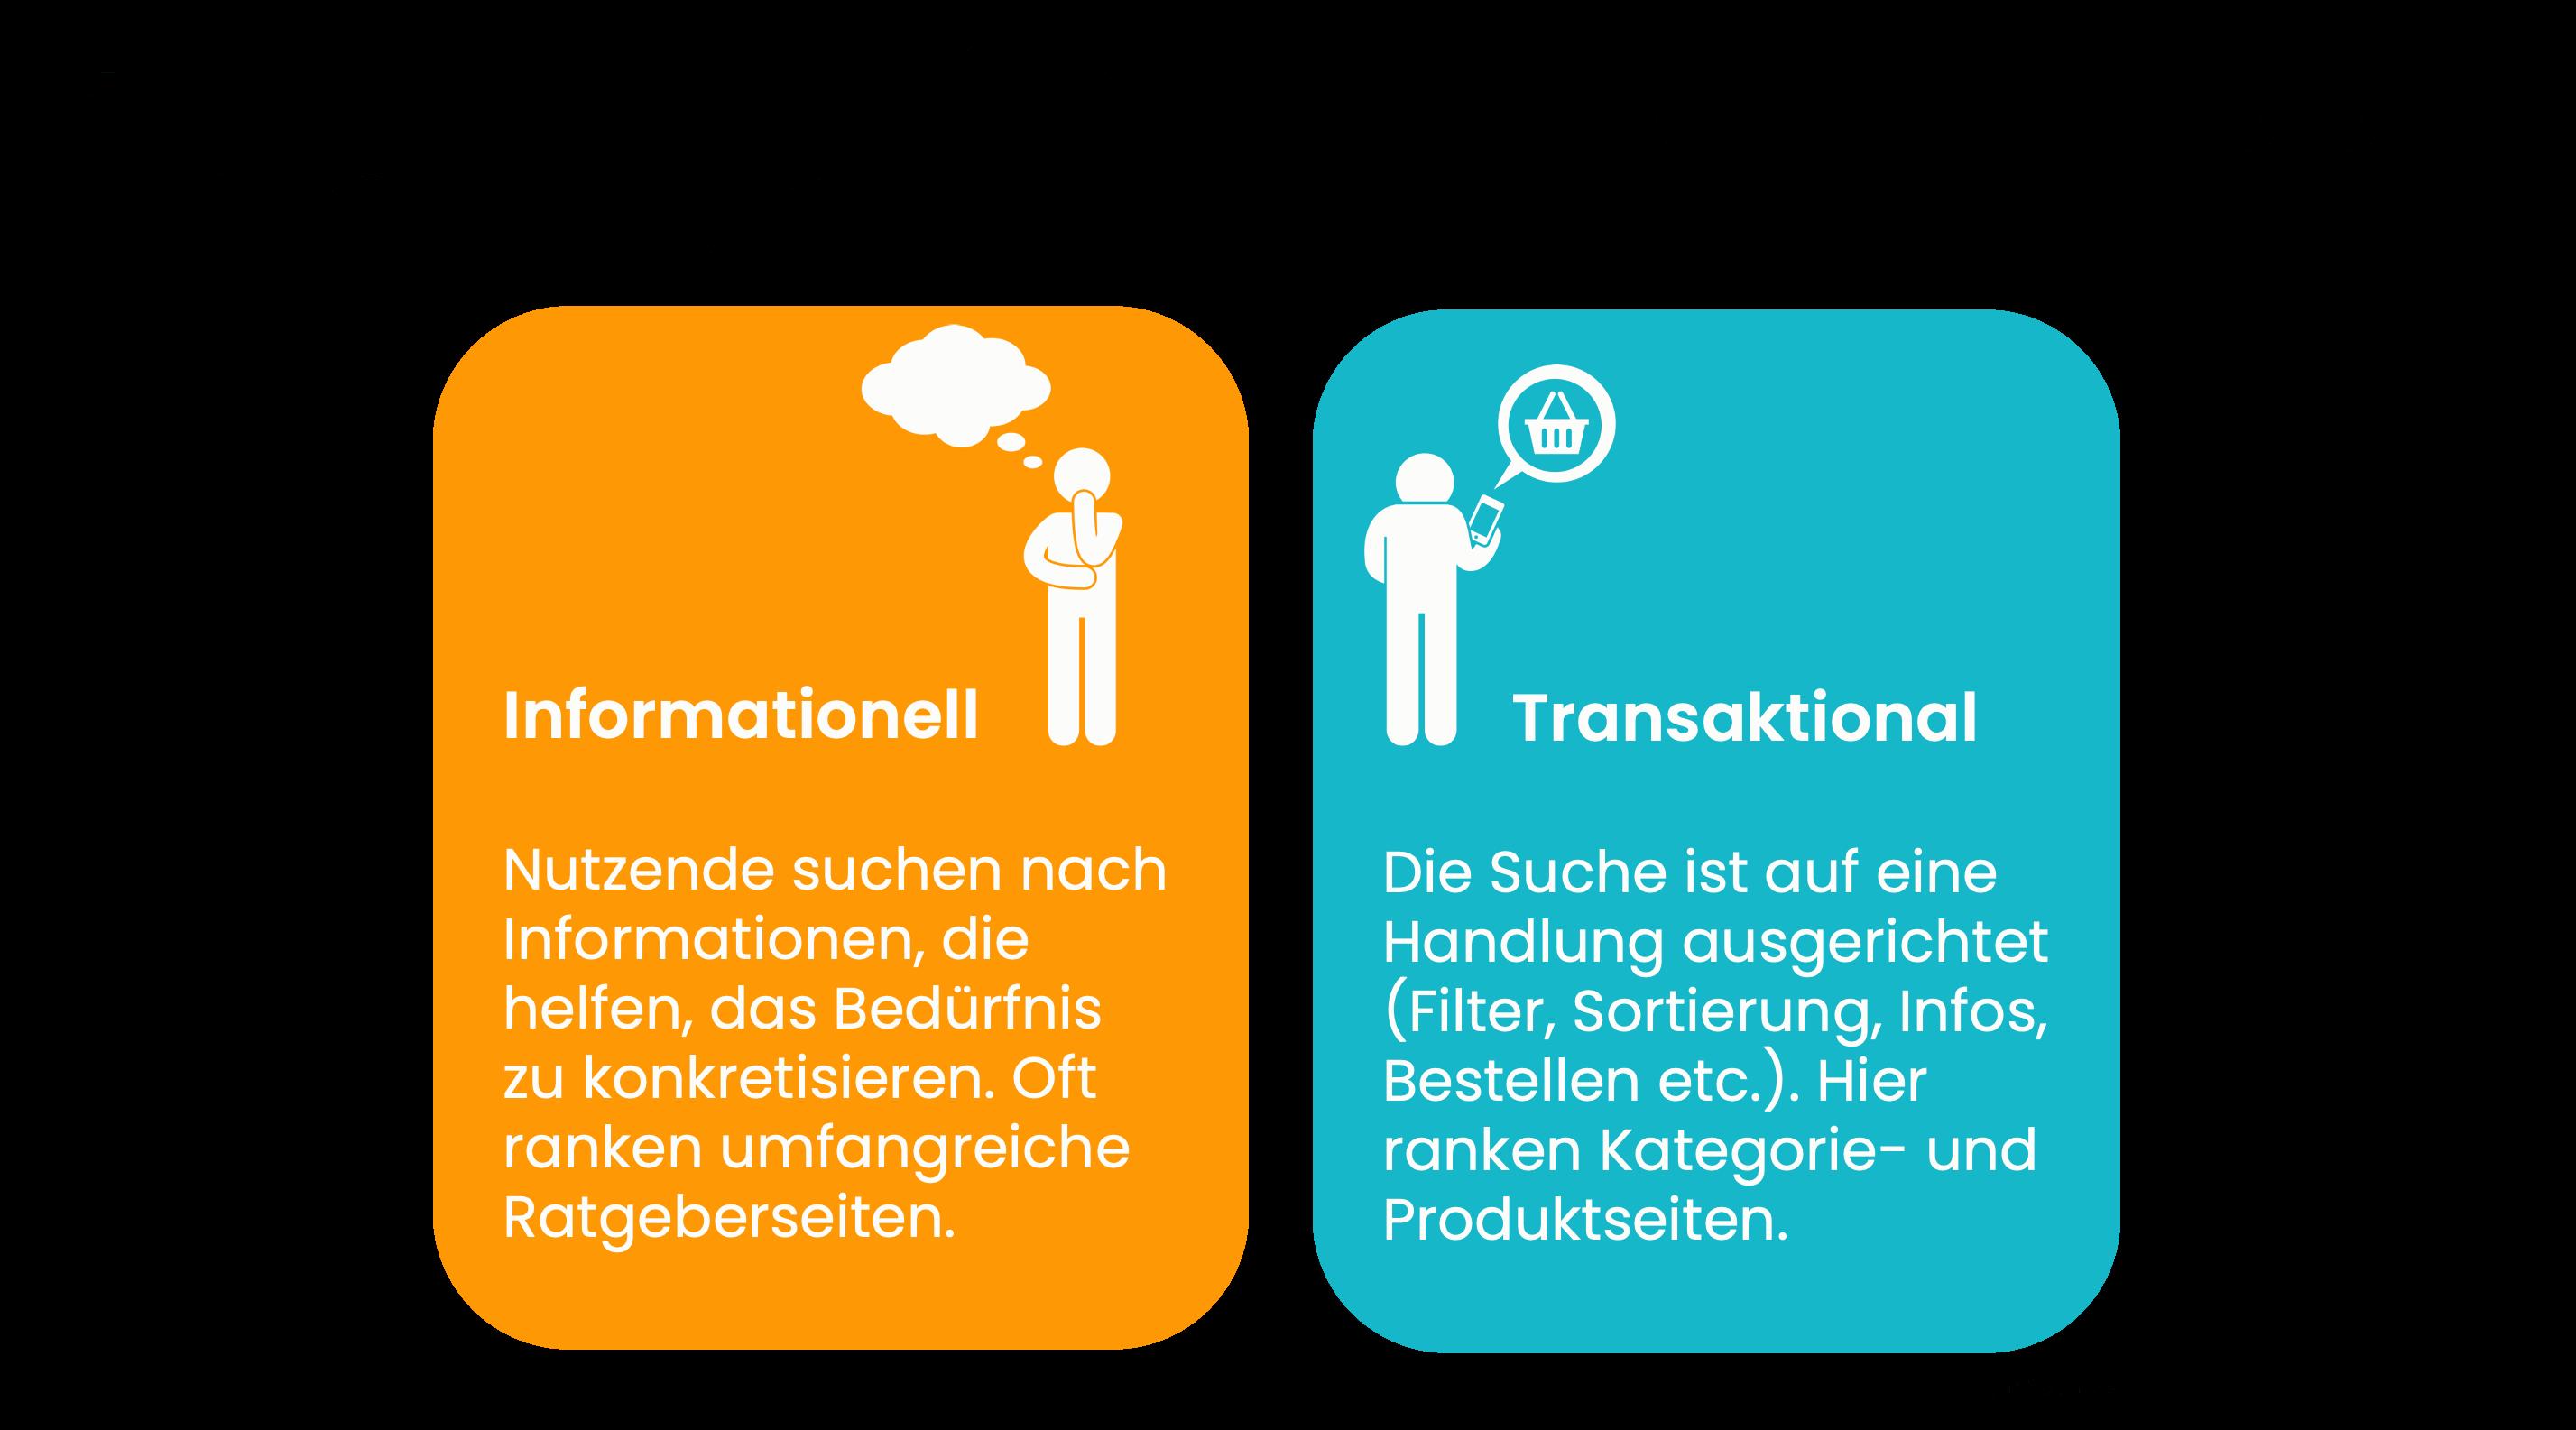 Unterschied zwischen transaktionalen und informationellen Suchanfragen